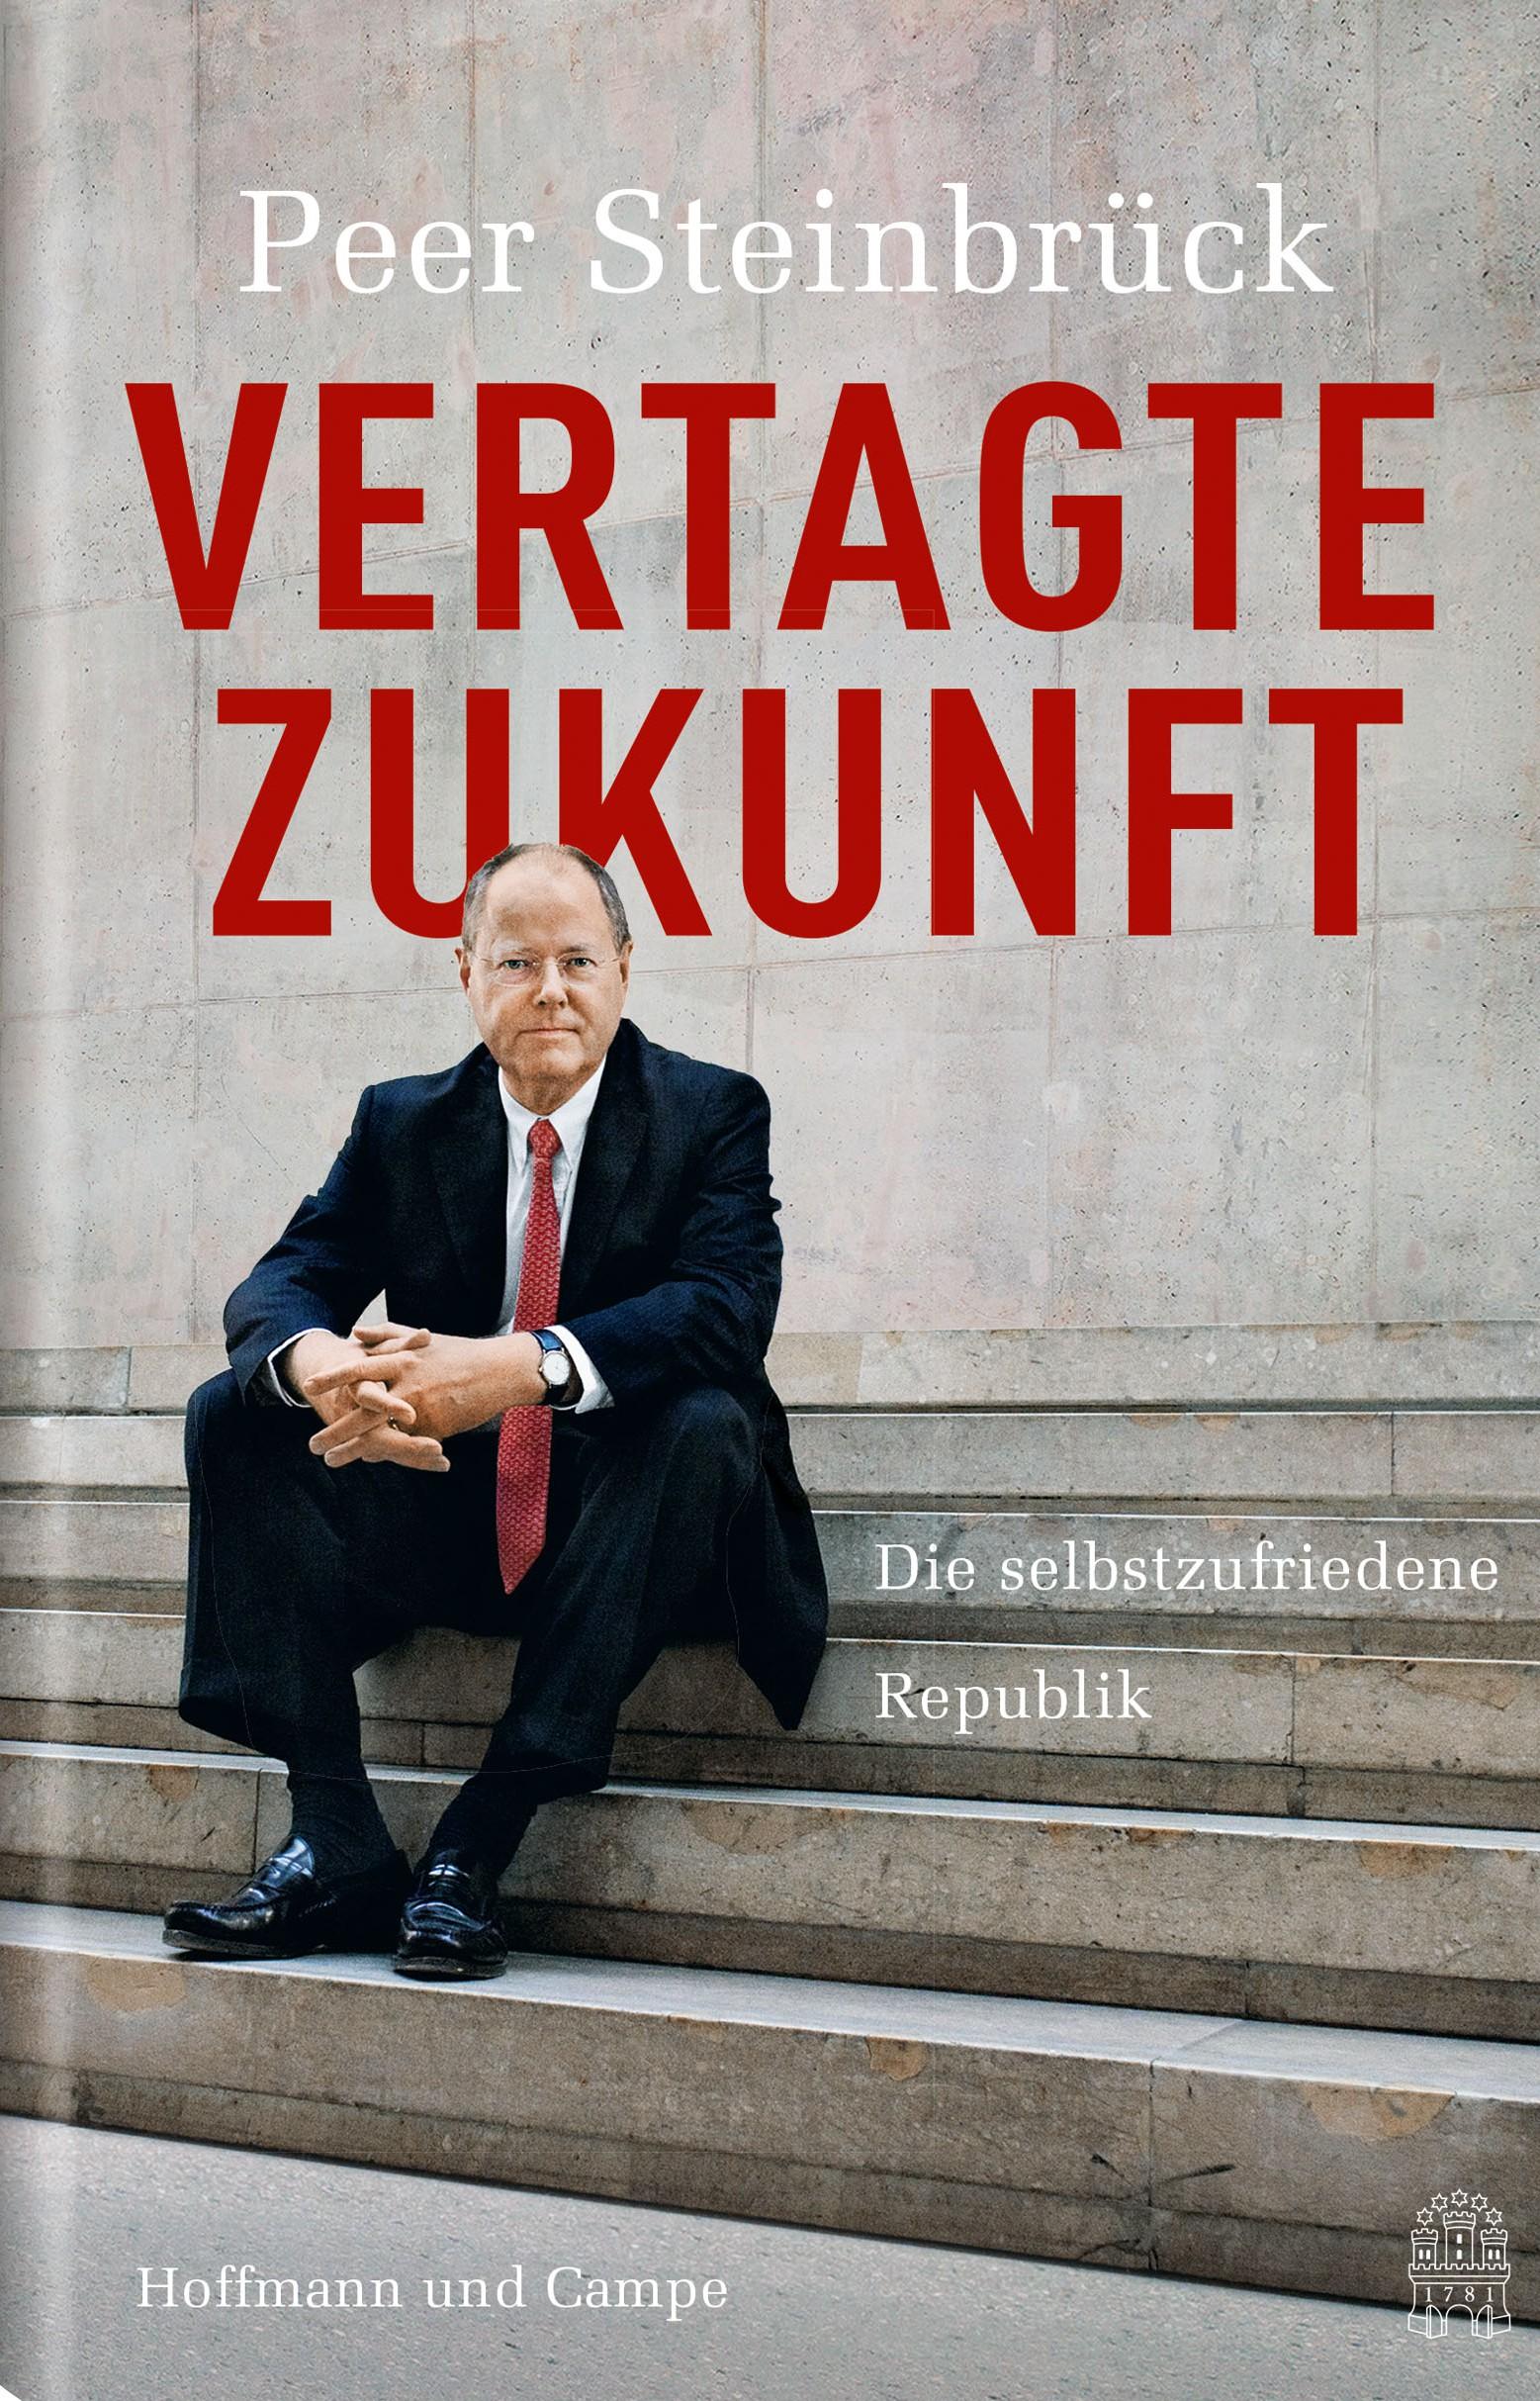 Peer Steinbrück: Vertagte Zukunft